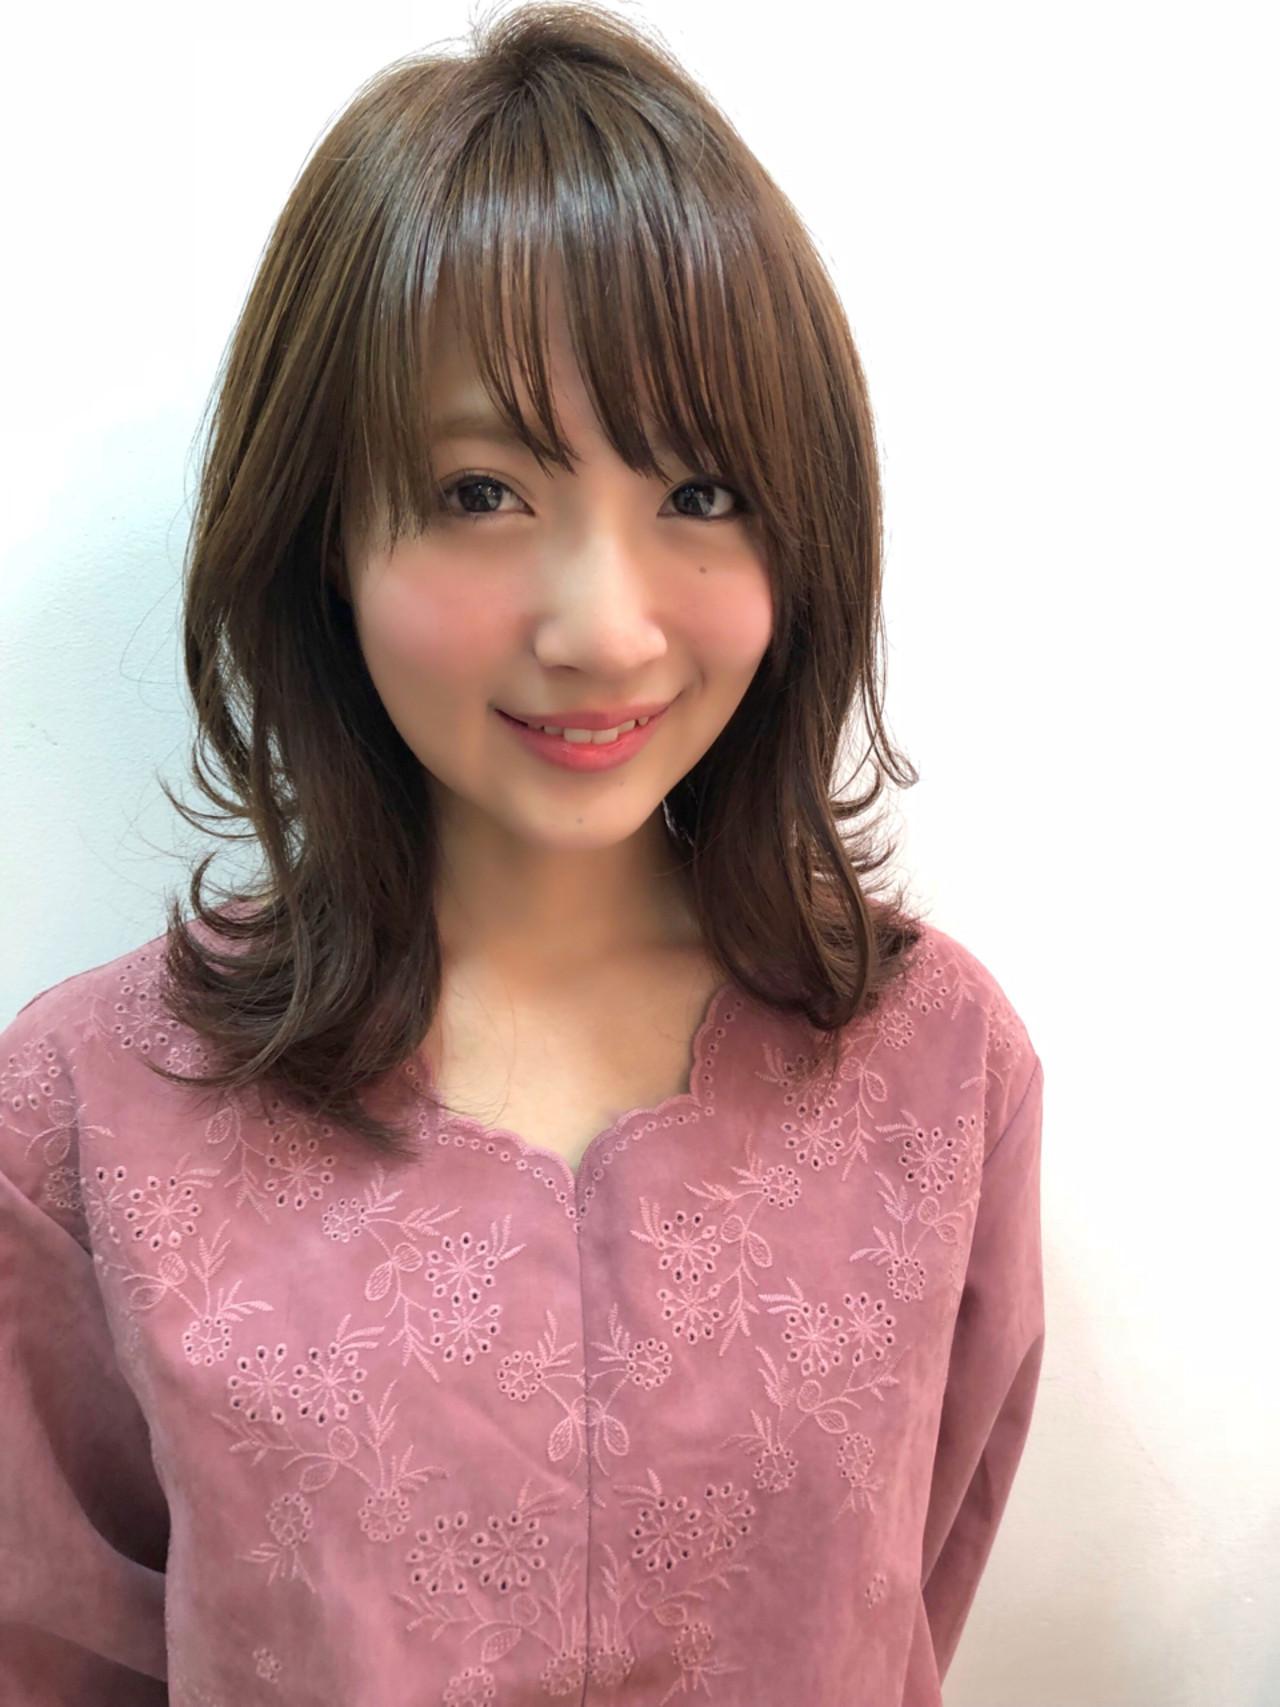 ひし形シルエットでうれしい小顔効果も♪ ナガヤ アキラ joemi 新宿